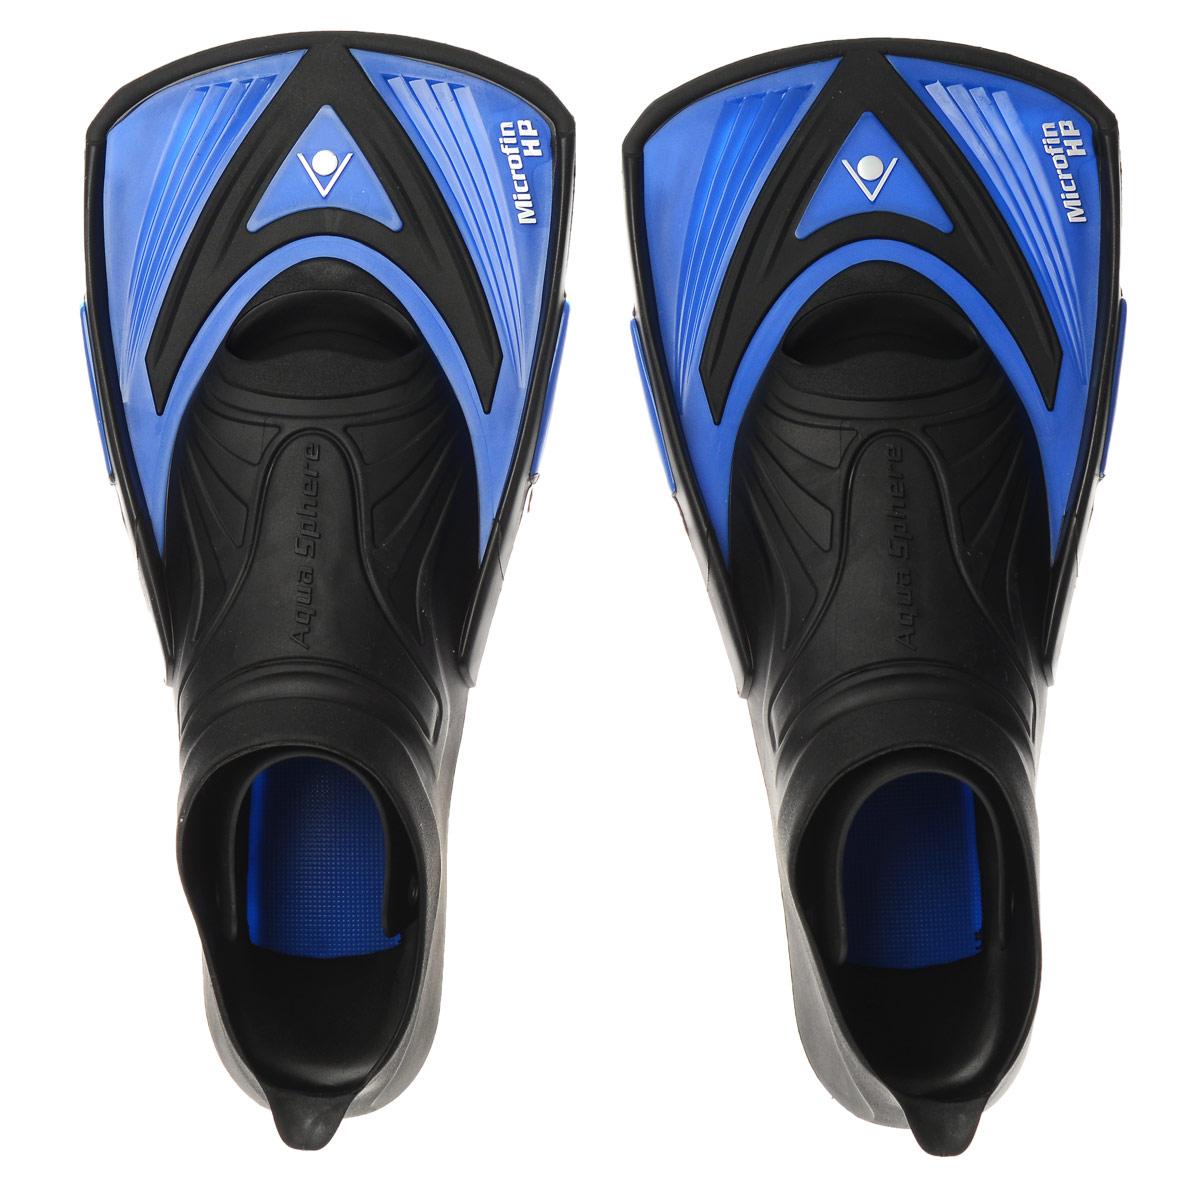 Ласты тренировочные Aqua Sphere Microfin HP, цвет: синий. Размер 34/35LFNAqua Sphere Microfin HP - это ласты для энергичной манеры плавания, предназначенные для серьезных спортивных тренировок. Уникальный дизайн ласт обеспечивает достаточное сопротивление воды для силовых тренировок и поддерживает ноги близко к поверхности воды - таким образом, пловец занимает правильное положение, гарантирующее максимальную обтекаемость. Особенности:Галоша с закрытой пяткой выполнена из прочного термопластика.Короткие лопасти удерживают ноги пловца близко к поверхности воды.Позволяют развивать силу мышц и поддерживать их в тонусе, одновременно совершенствуя технику плавания.